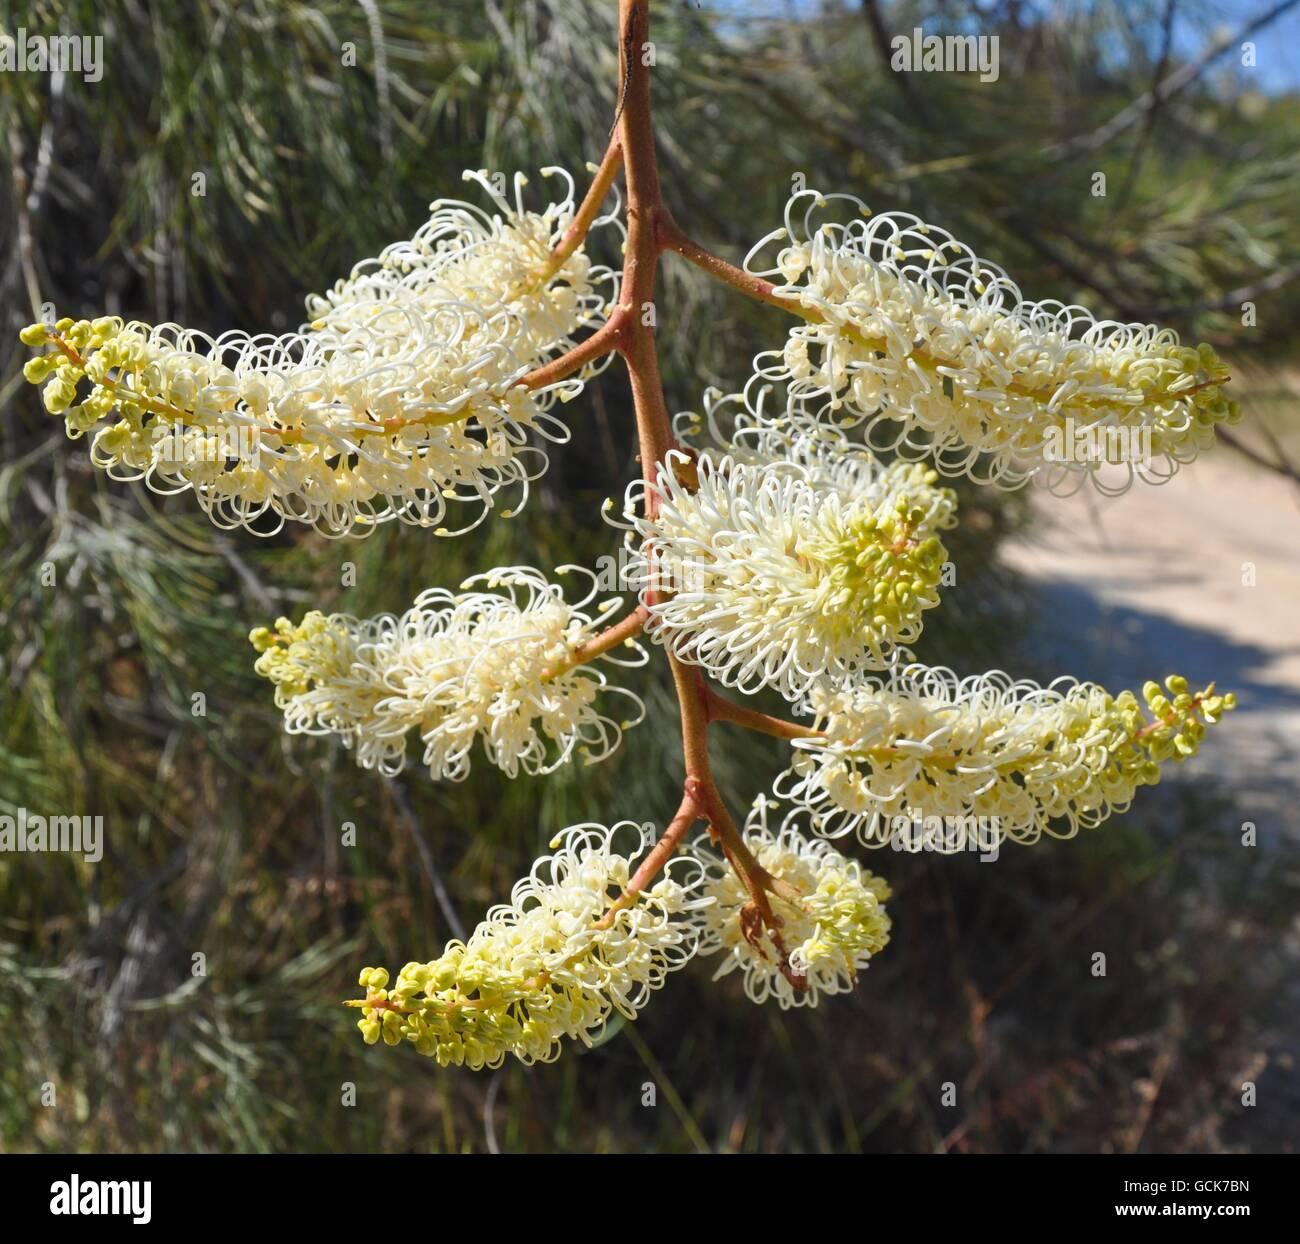 Blanc et jaune crème fleur araignée filiformes, Grevillia lune, dans la nature en plein air dans l'ouest de l'Australie. Banque D'Images